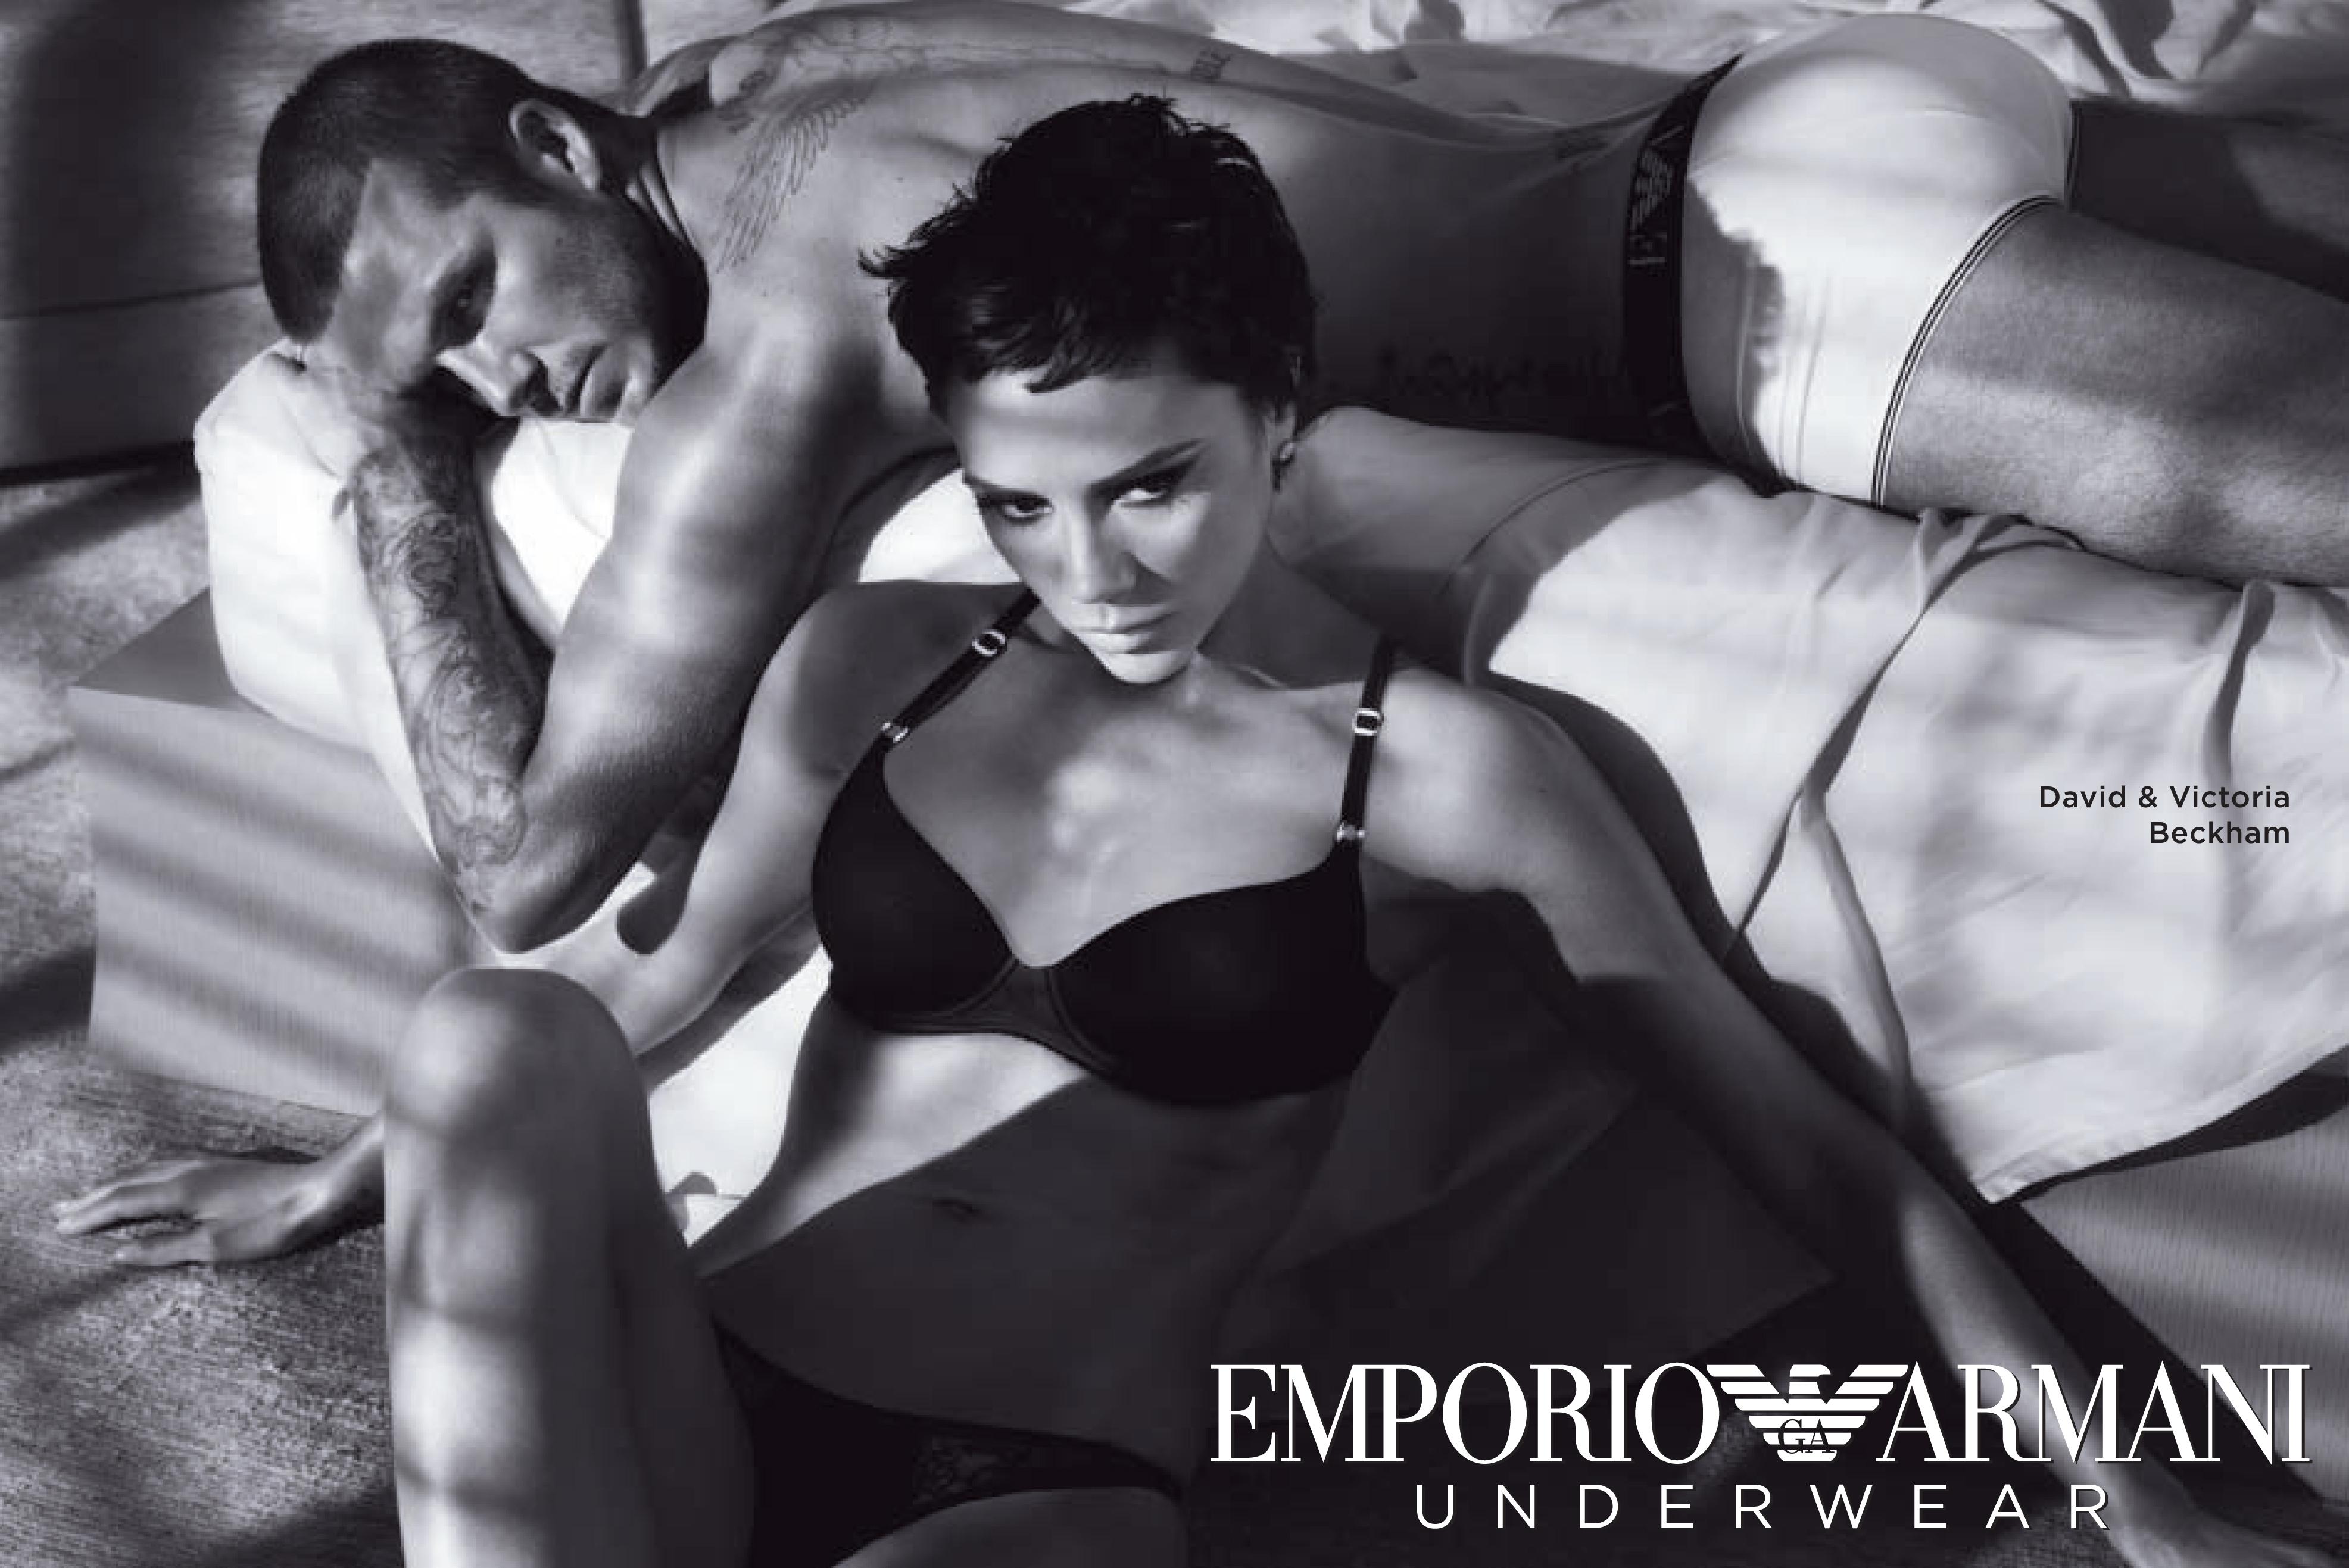 Emporio Armani Underwear, in Debenhams Romania